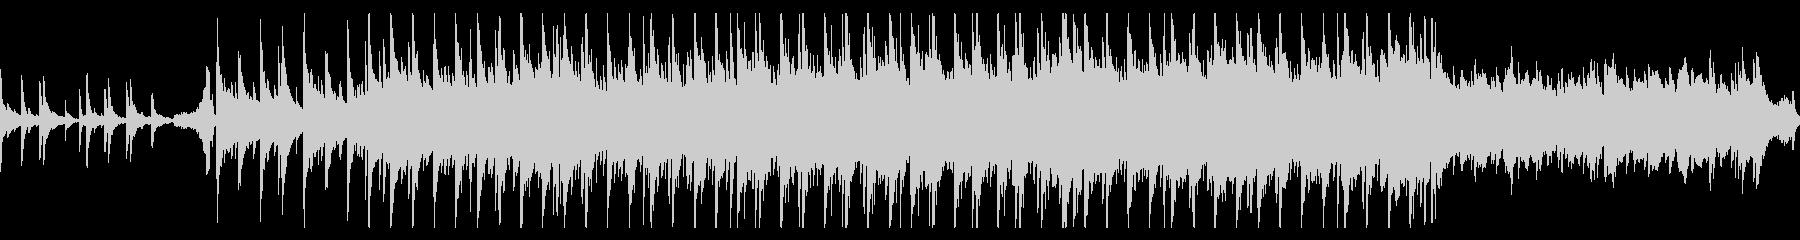 ピアノとギターのゆったりなポップバラードの未再生の波形